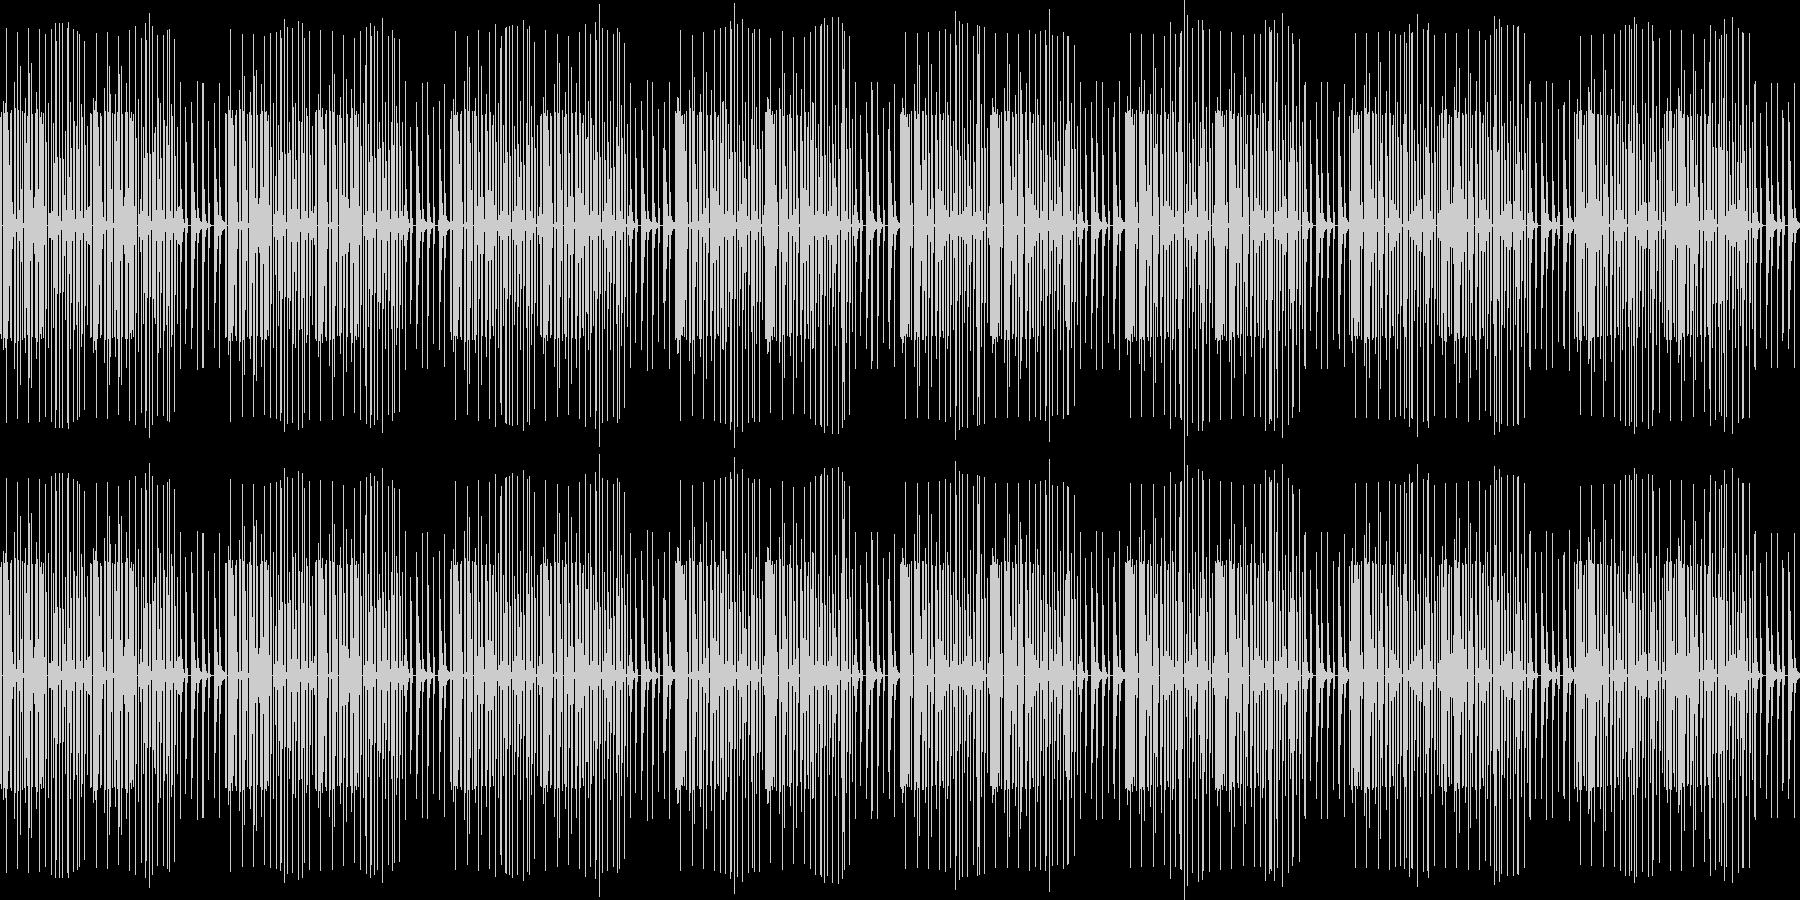 【ピタゴラスイッチ風パーカッション】の未再生の波形